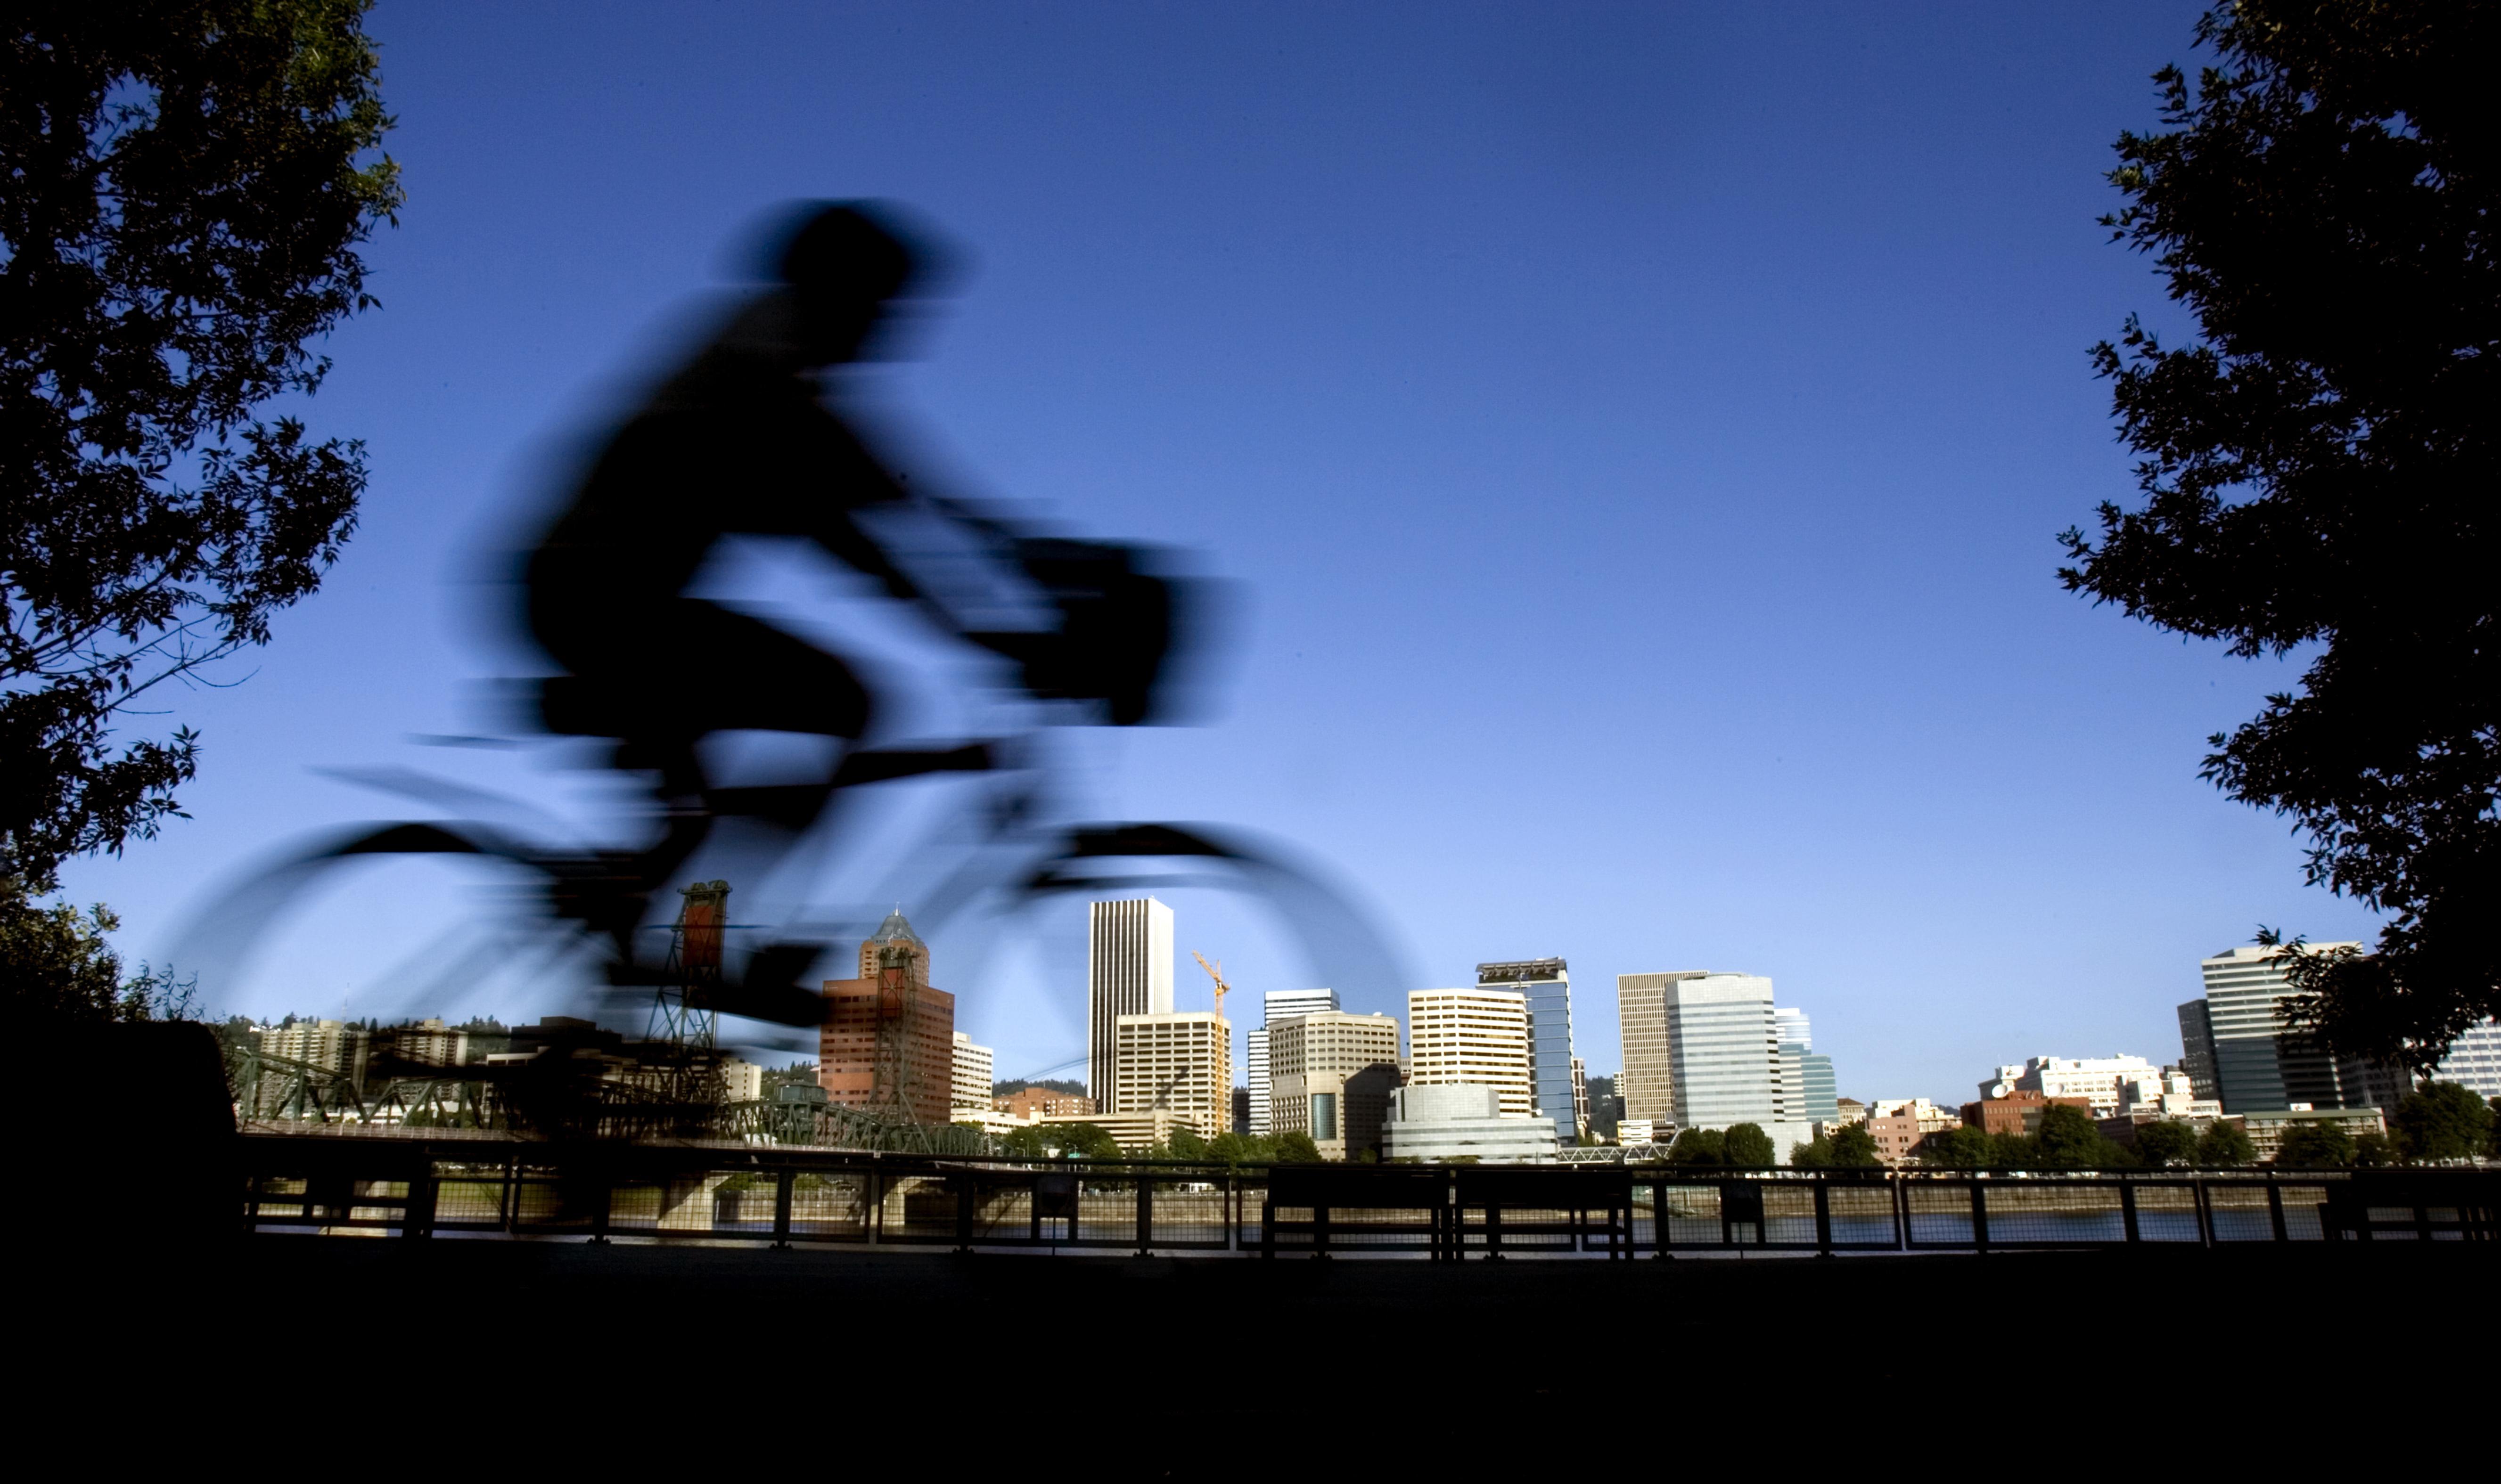 Cycliste passant devant des bâtiments. (© AP Images)